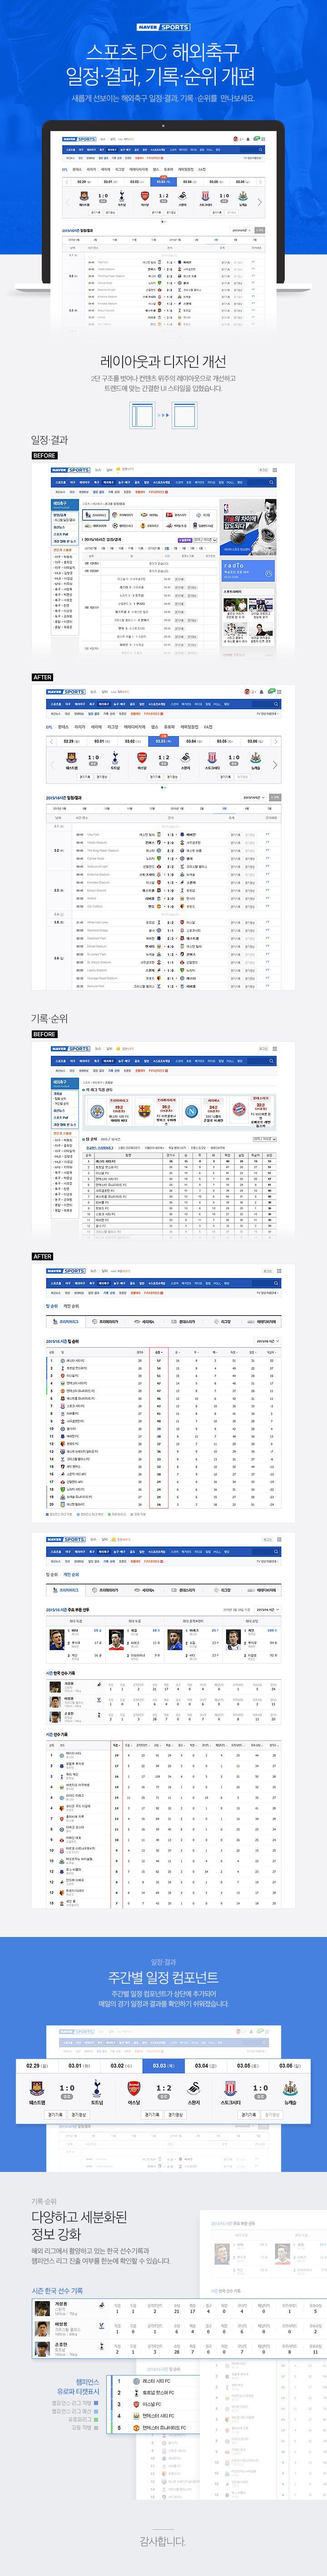 네이버 디자인실 스포츠 PC 해외축구 일정/결과와 기록/순위 페이지가 개편되었습니다. 기존의 2단 구조...